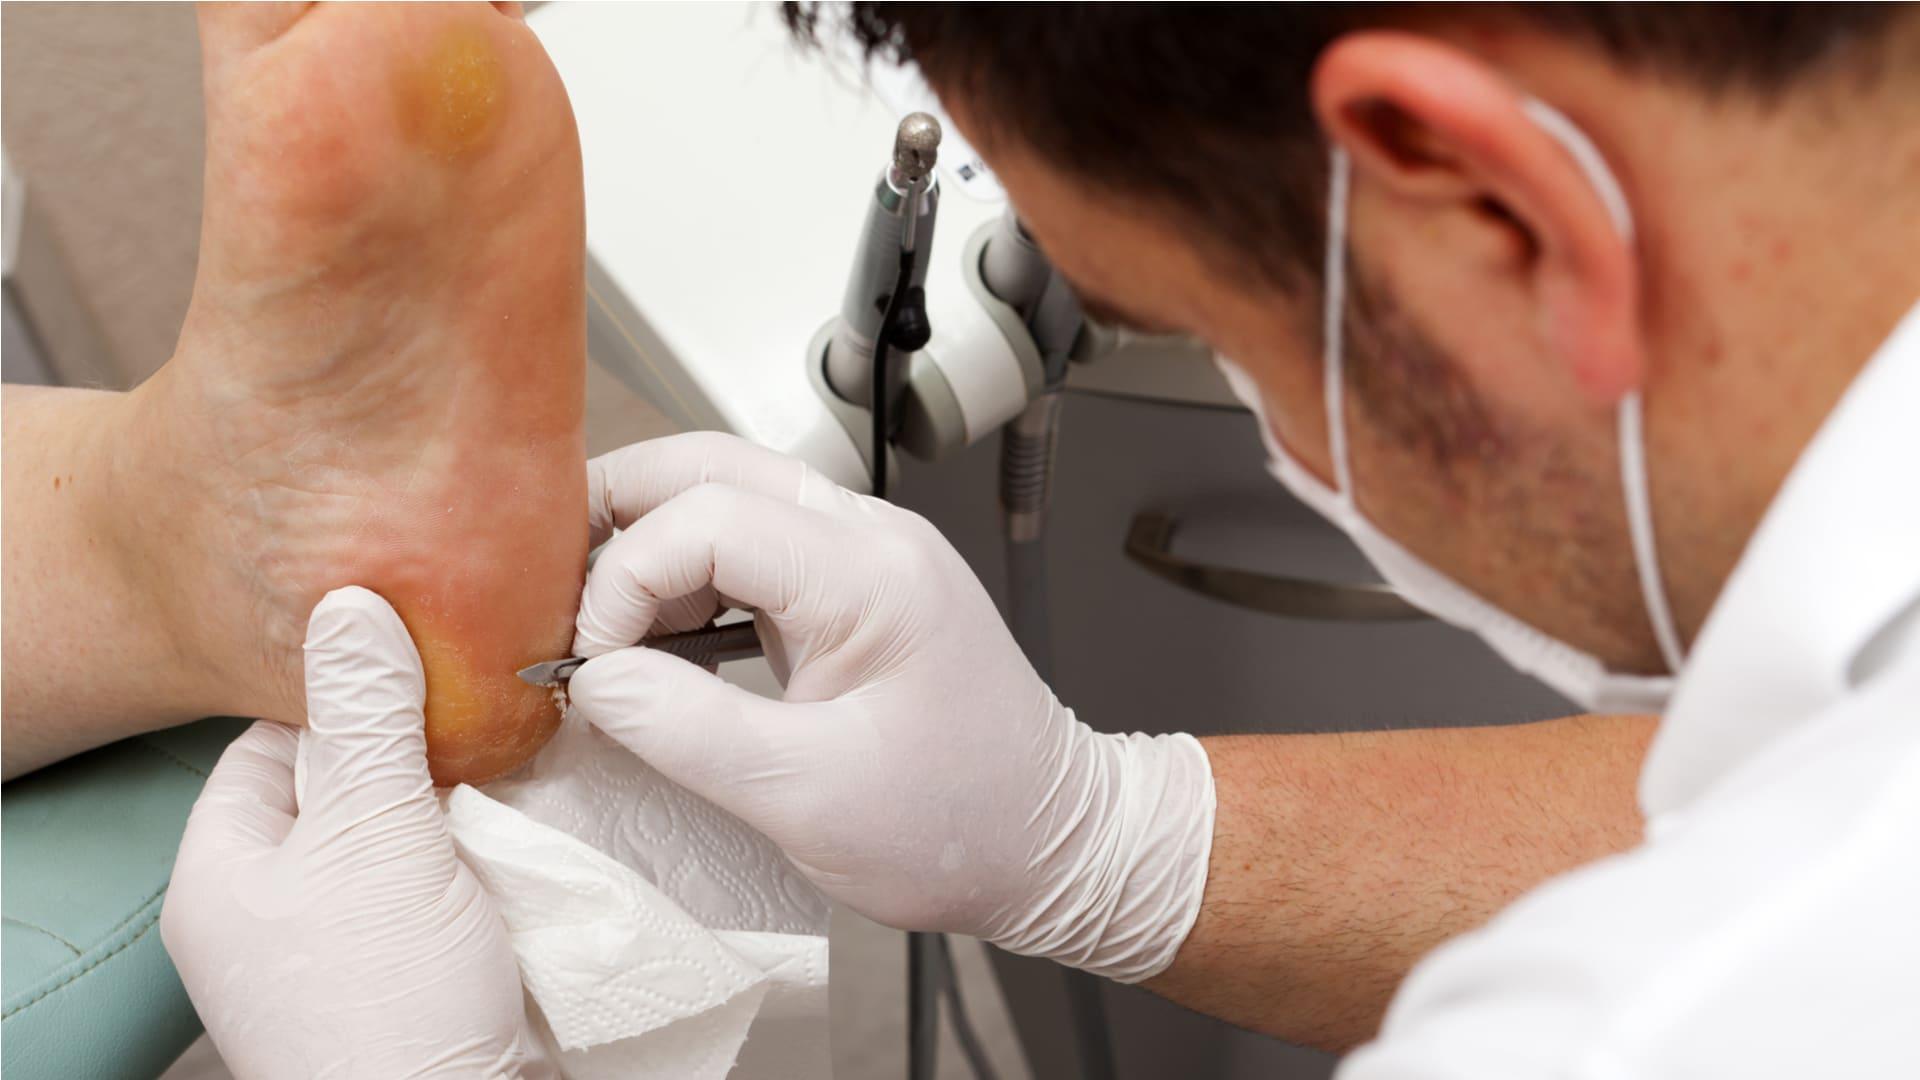 Анализ на грибок кожи — Грибок Ногтей